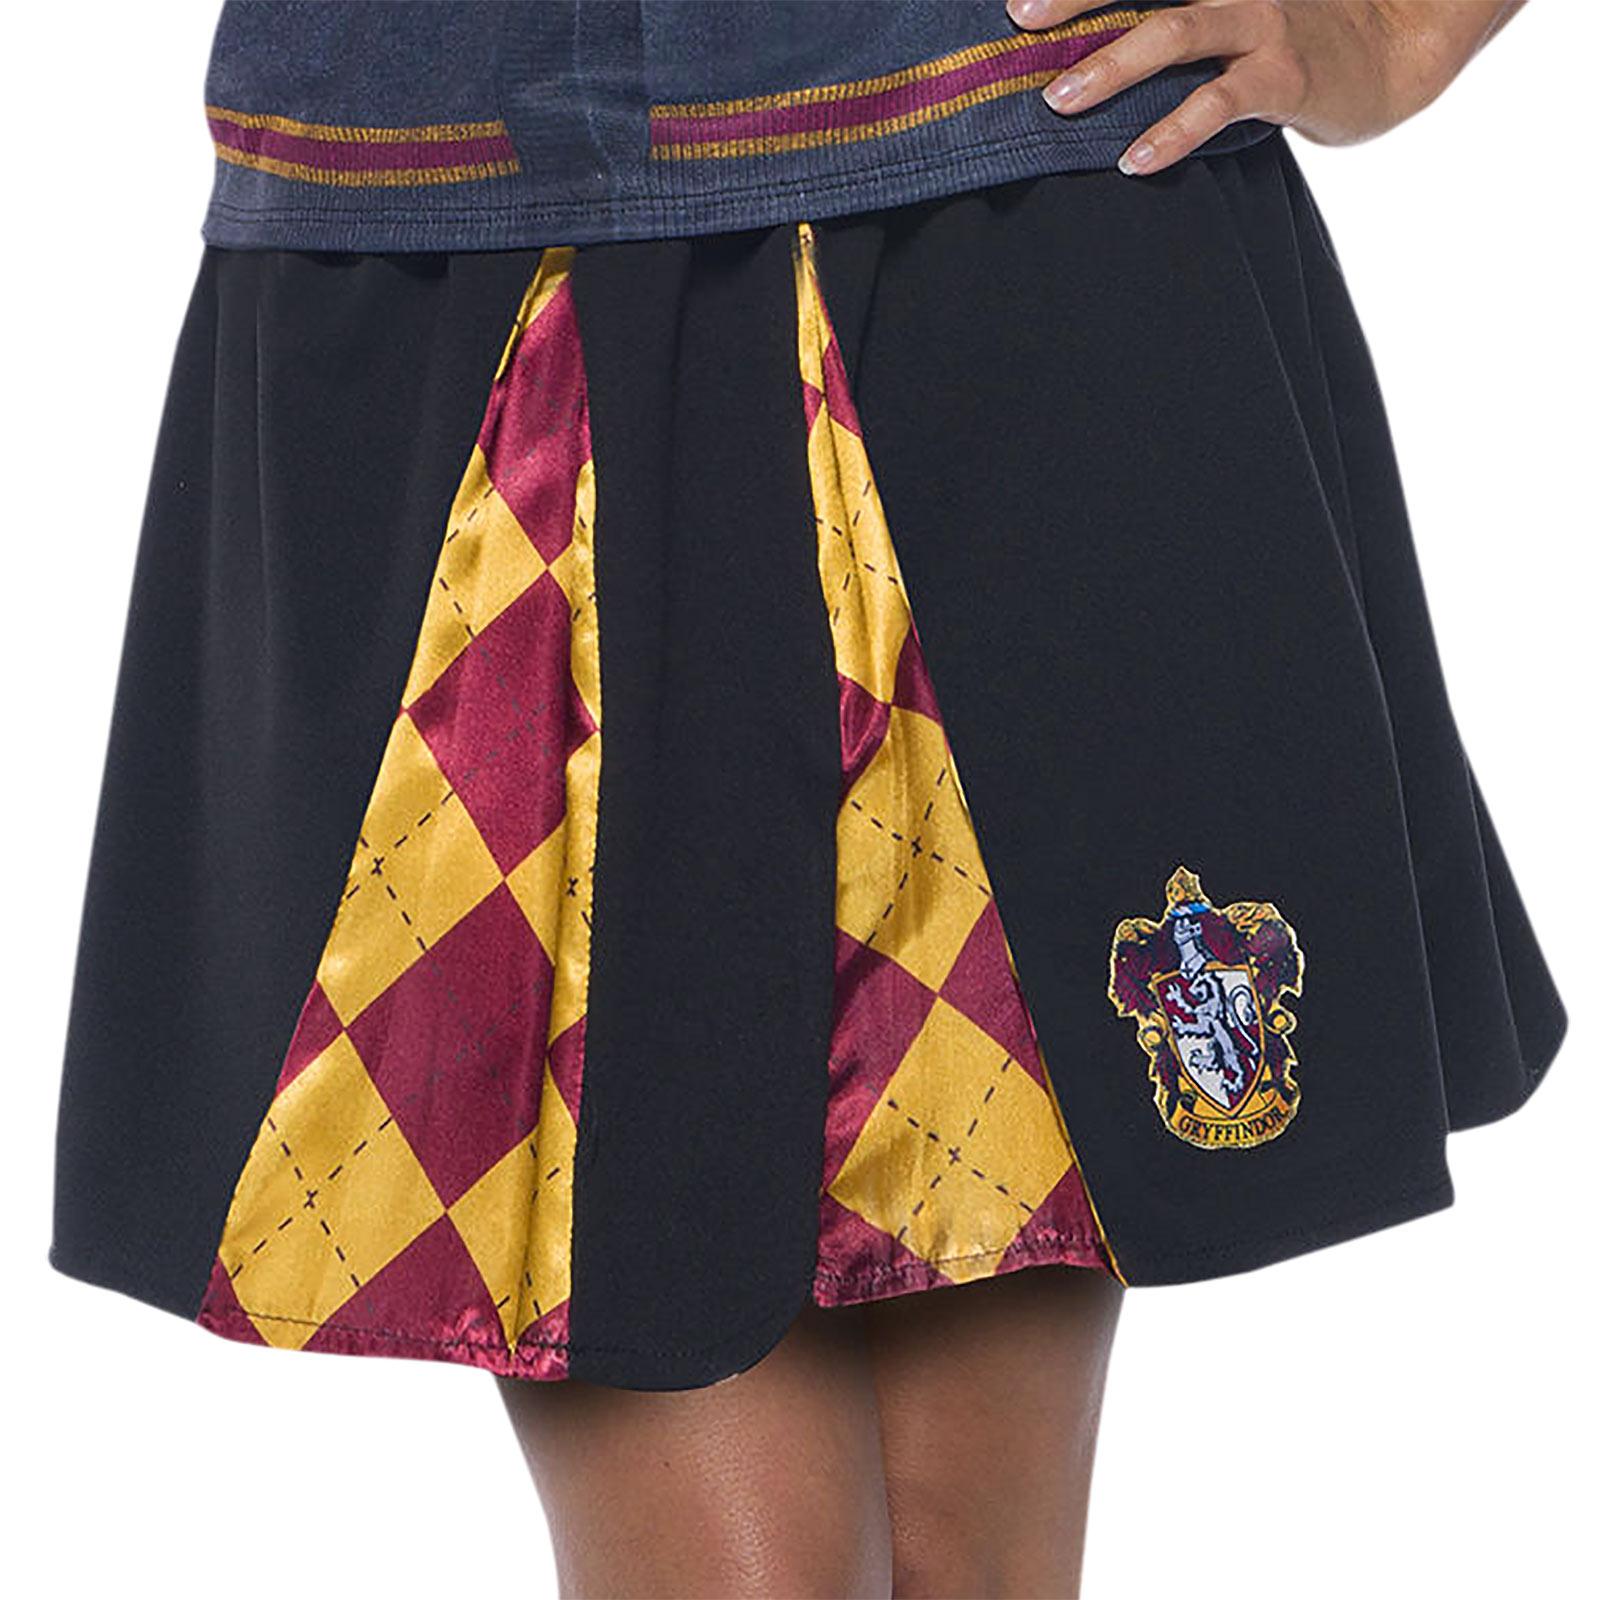 Harry Potter - Gryffindor College Kostüm Rock Damen